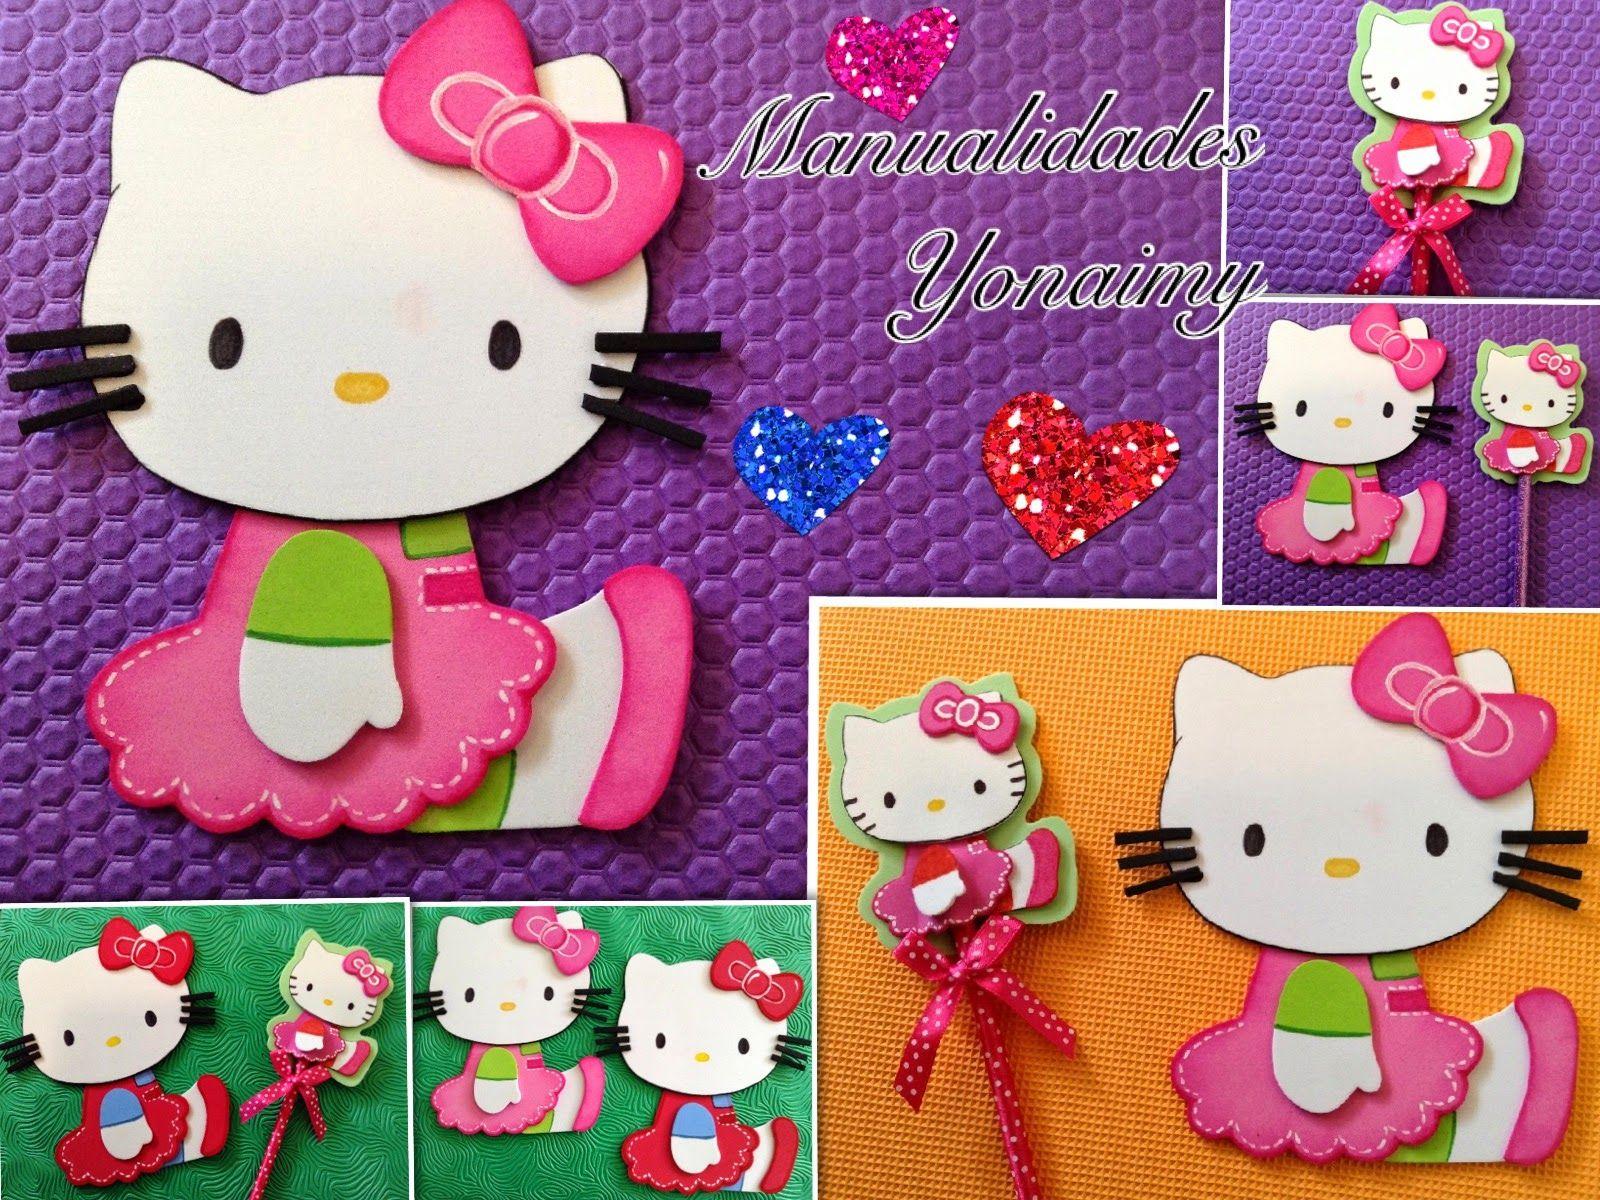 Hello kitty scrapbook ideas - Manualidades Yonaimy Hello Kitty De Foamy O Goma Eva Para Adornar